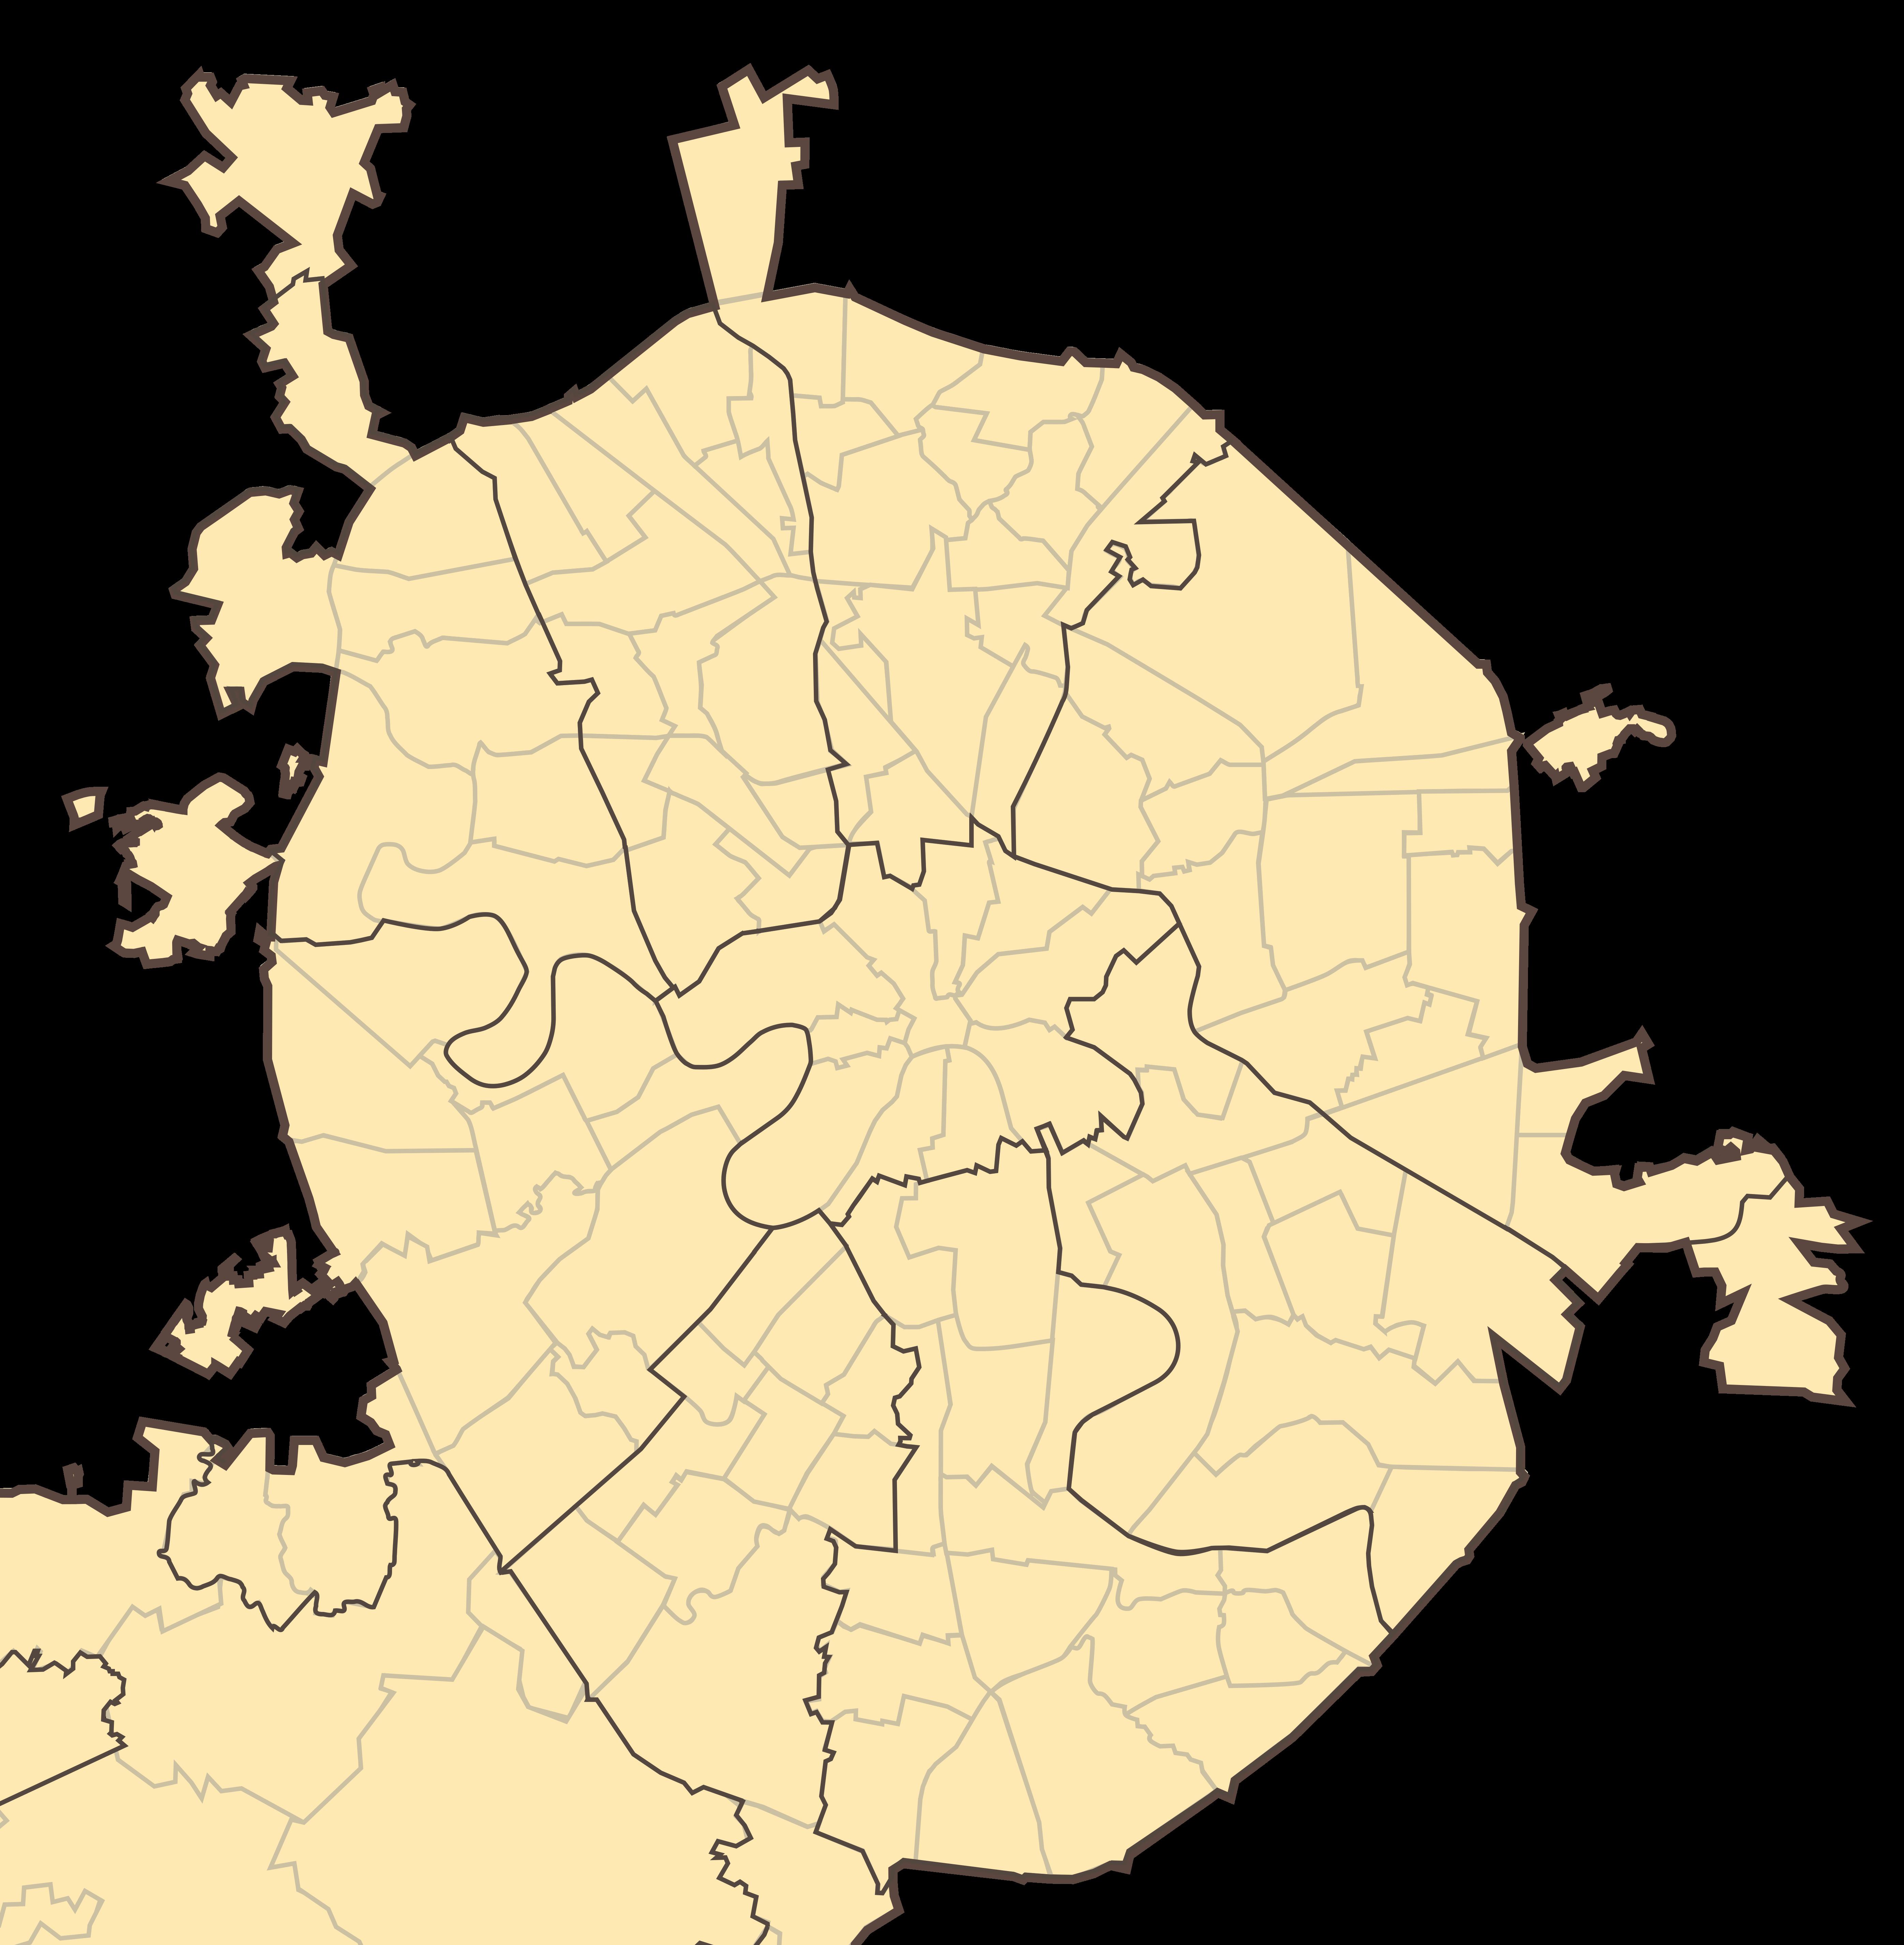 Улица Васильцовский Стан — Википедия 44244be4690